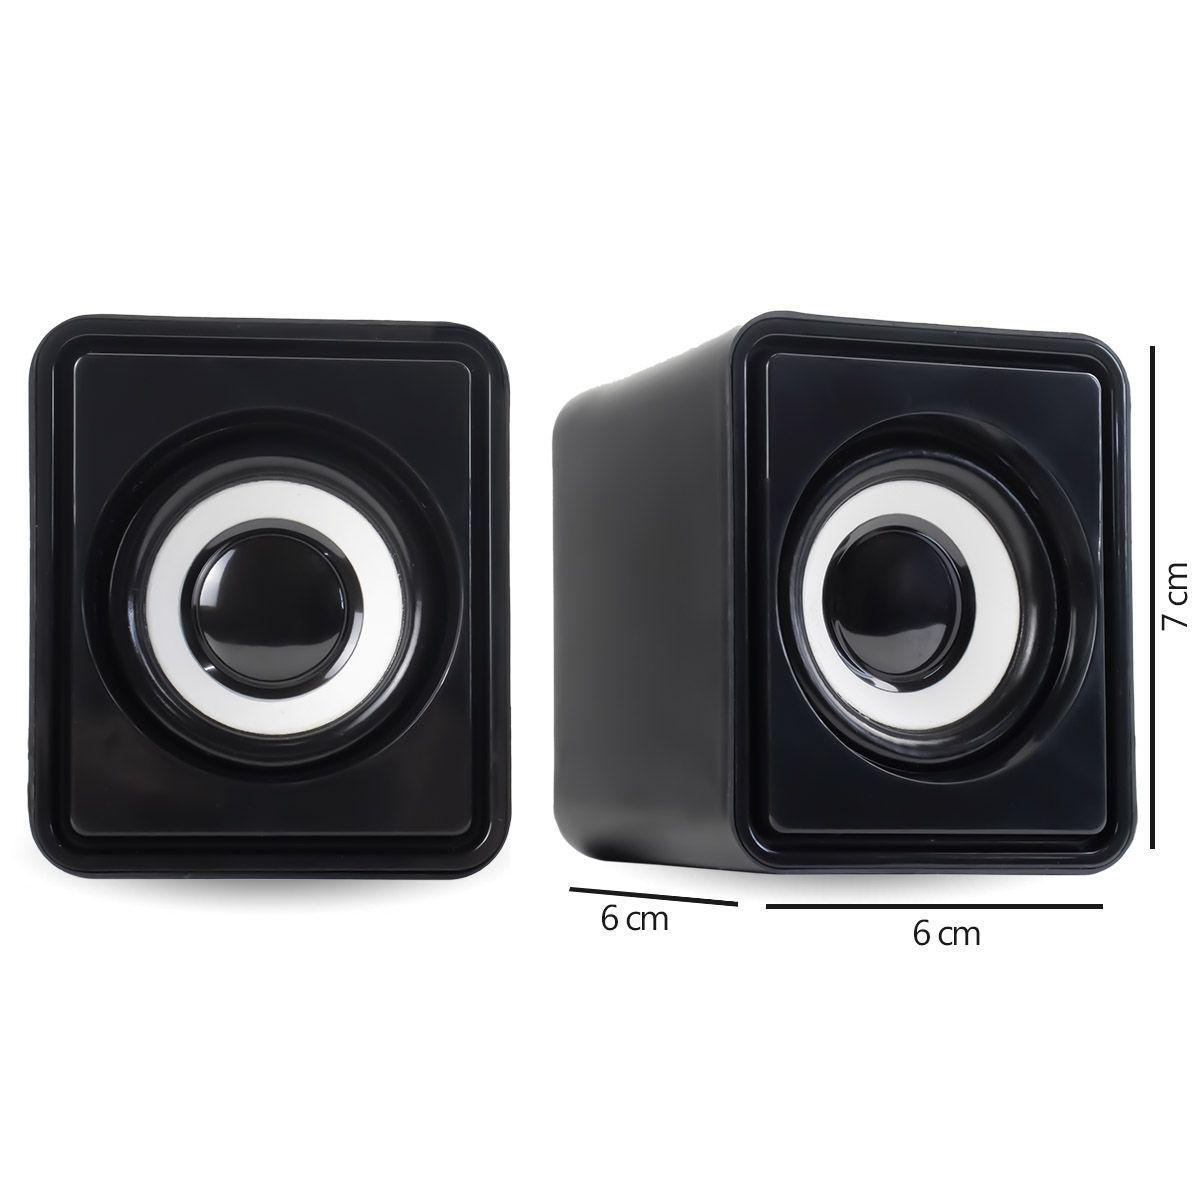 Caixa de Som Subwoofer 2.1 Usb/SD/Bluetooth Knup KP-6017BH